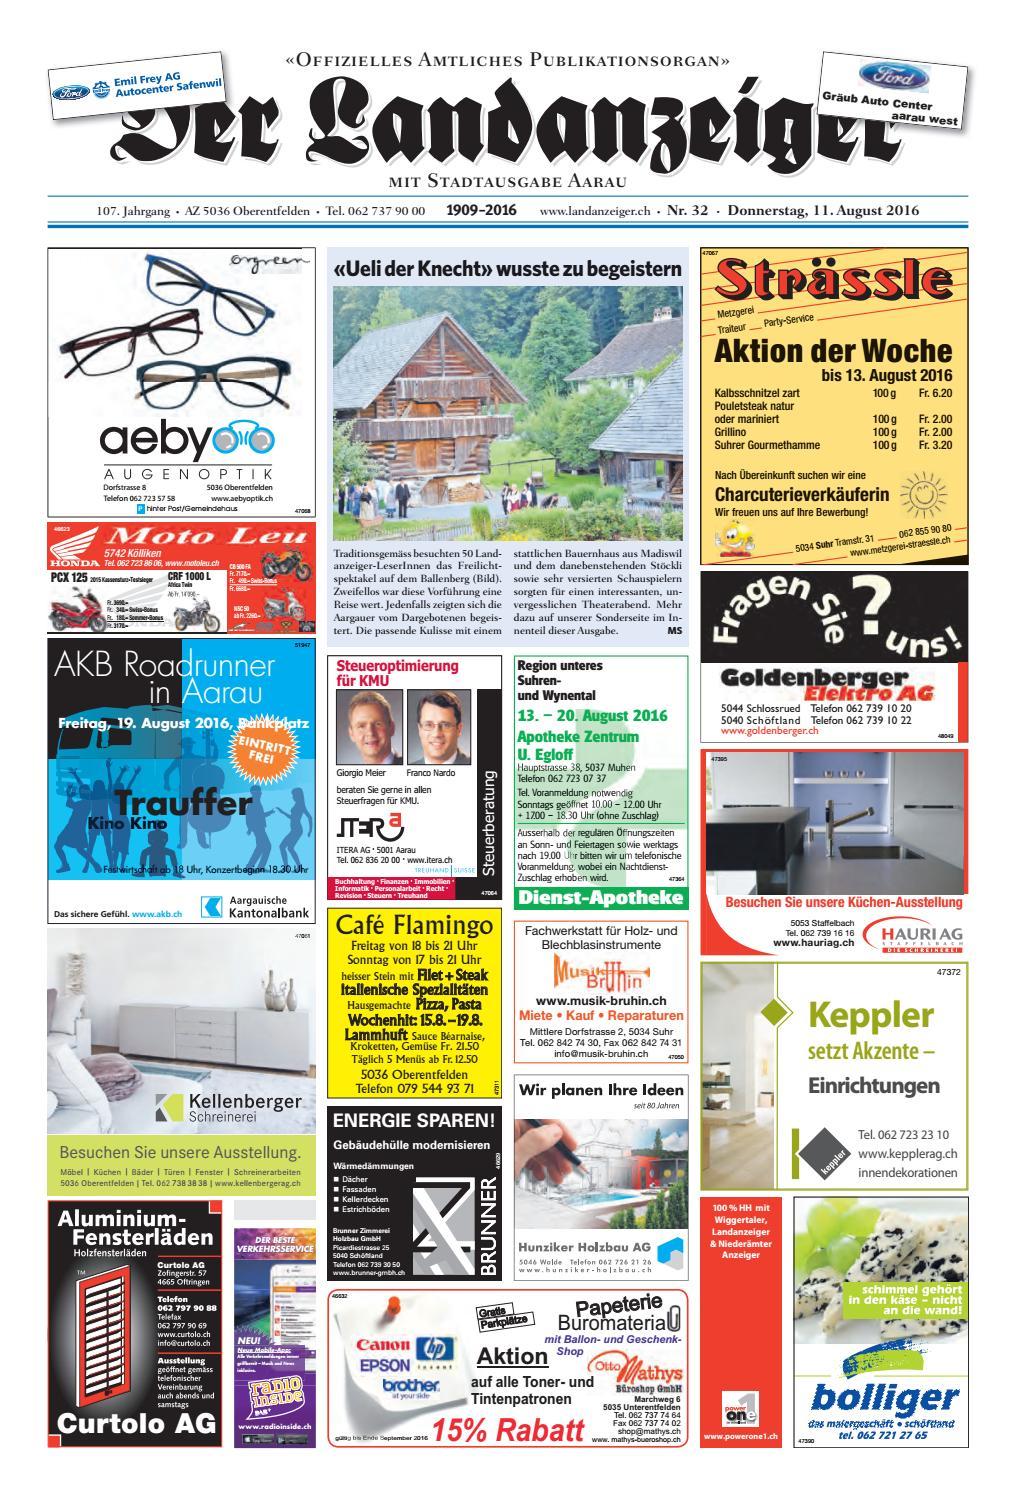 der landanzeiger 32/16 by zt medien ag - issuu, Hause ideen